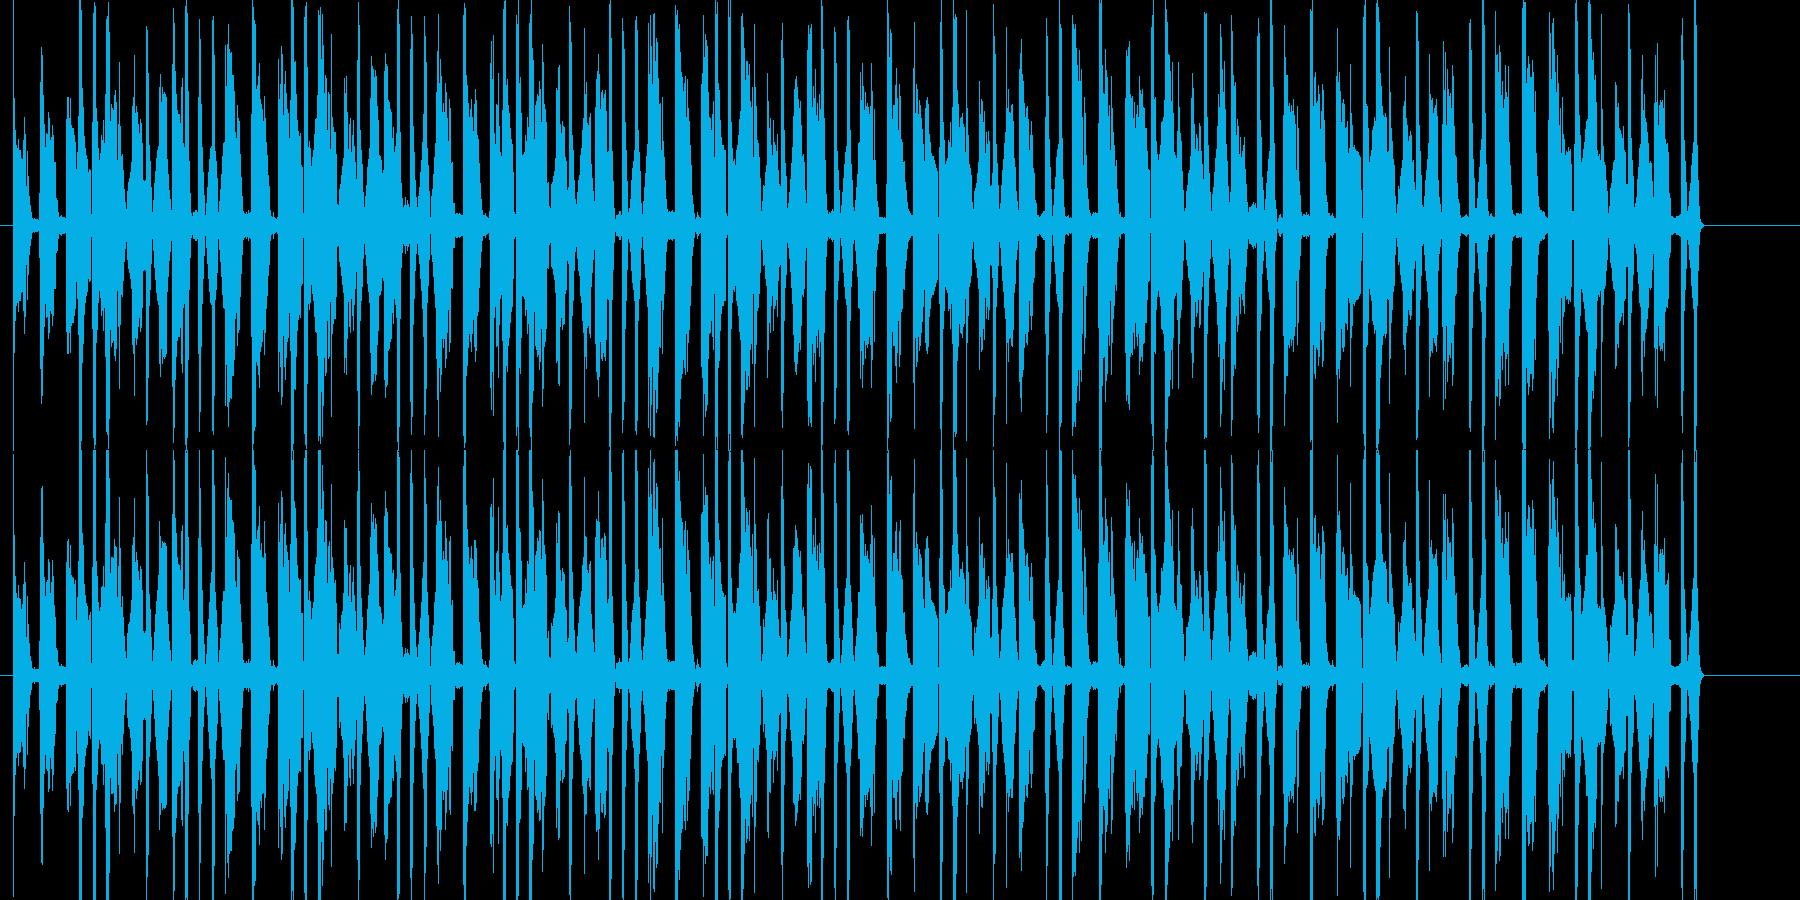 ゲームに合う四つ打ちの元気な短い曲の再生済みの波形